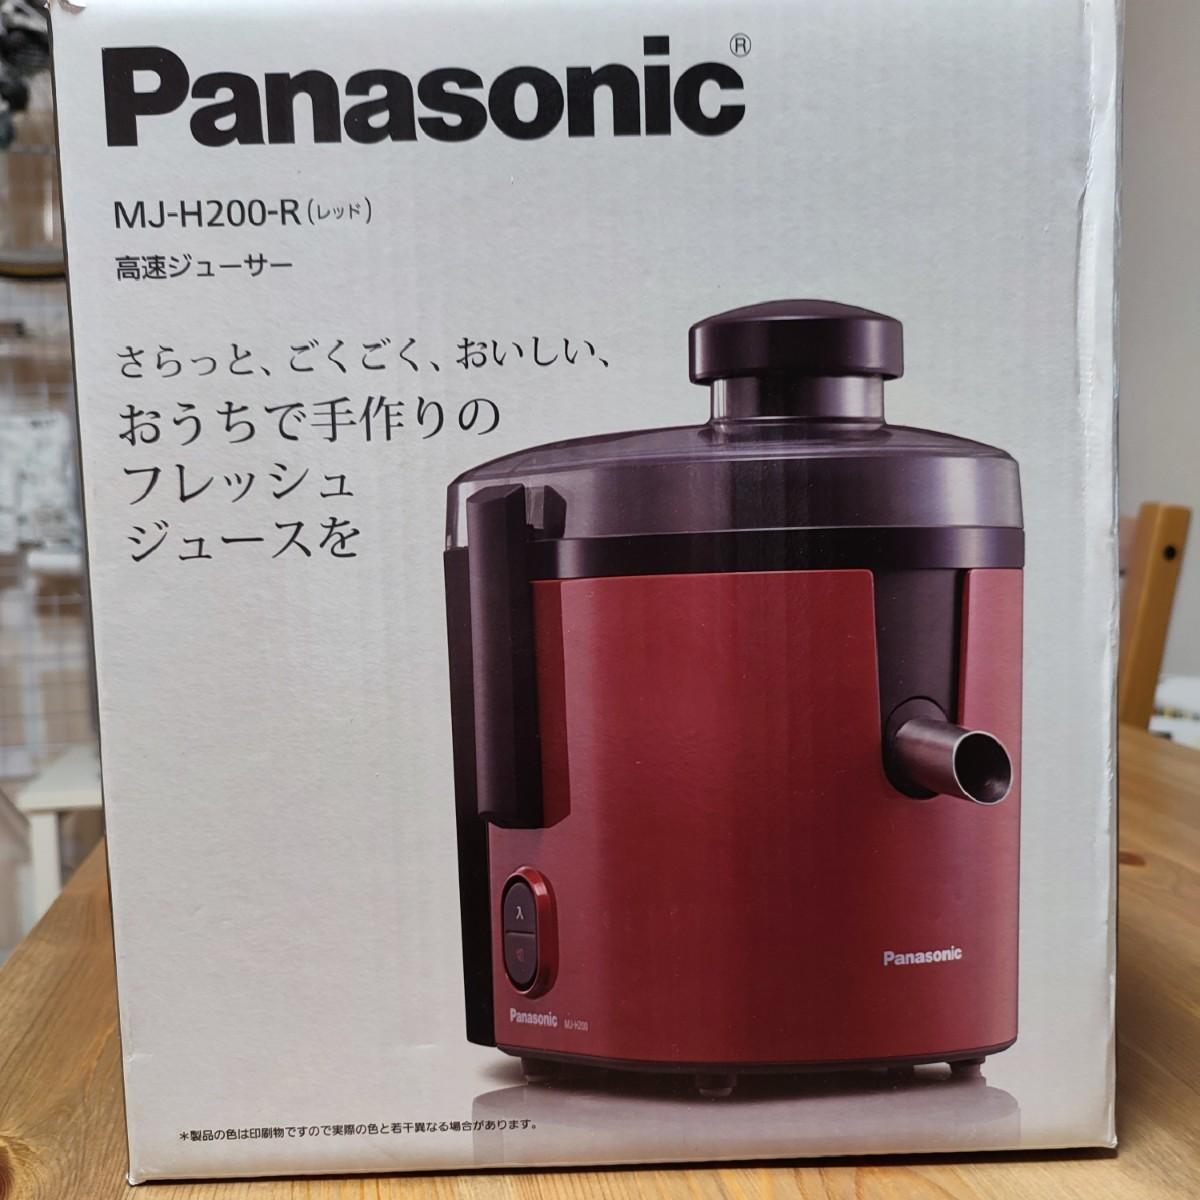 Panasonic パナソニック 高速ジューサー MJ-H200-R レッド 手作りフレッシュジュース 家庭用